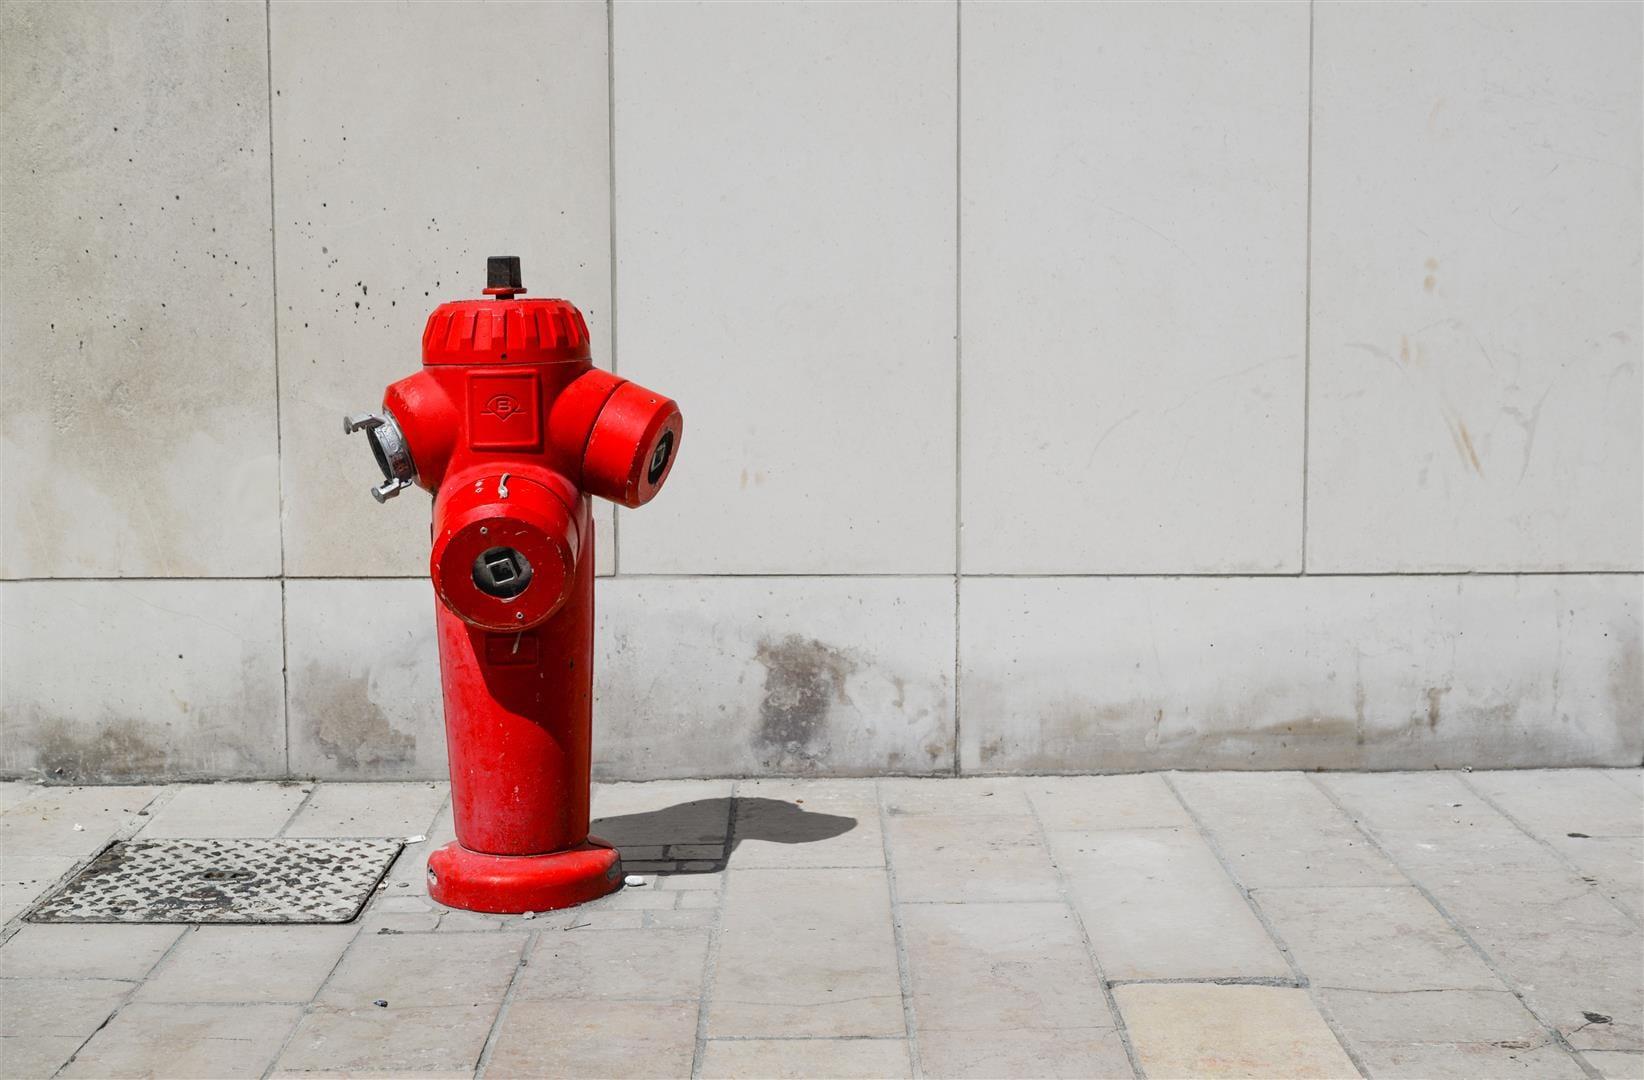 Hidrant Exterior